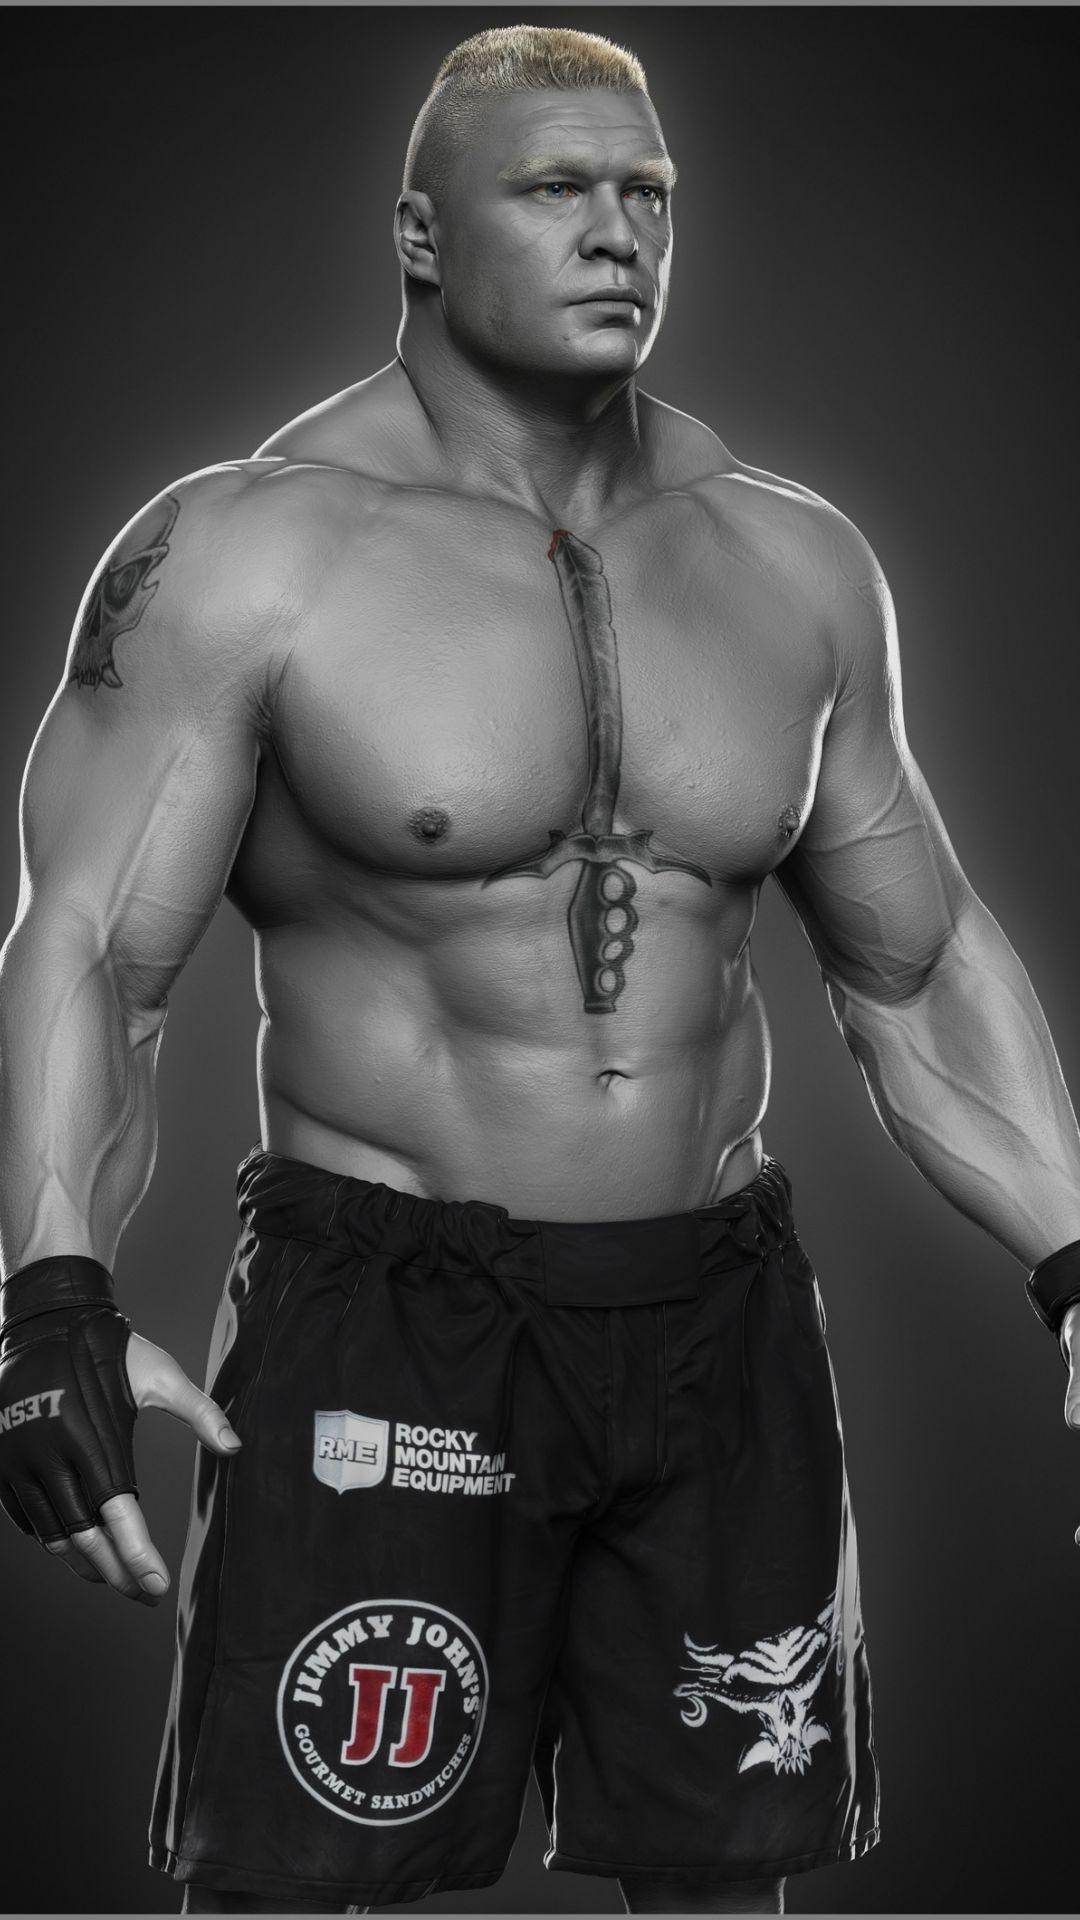 Brock Lesnar Wwe Wallpaper Android Brock Lesnar Brock Lesnar Wwe Wwe Wallpapers